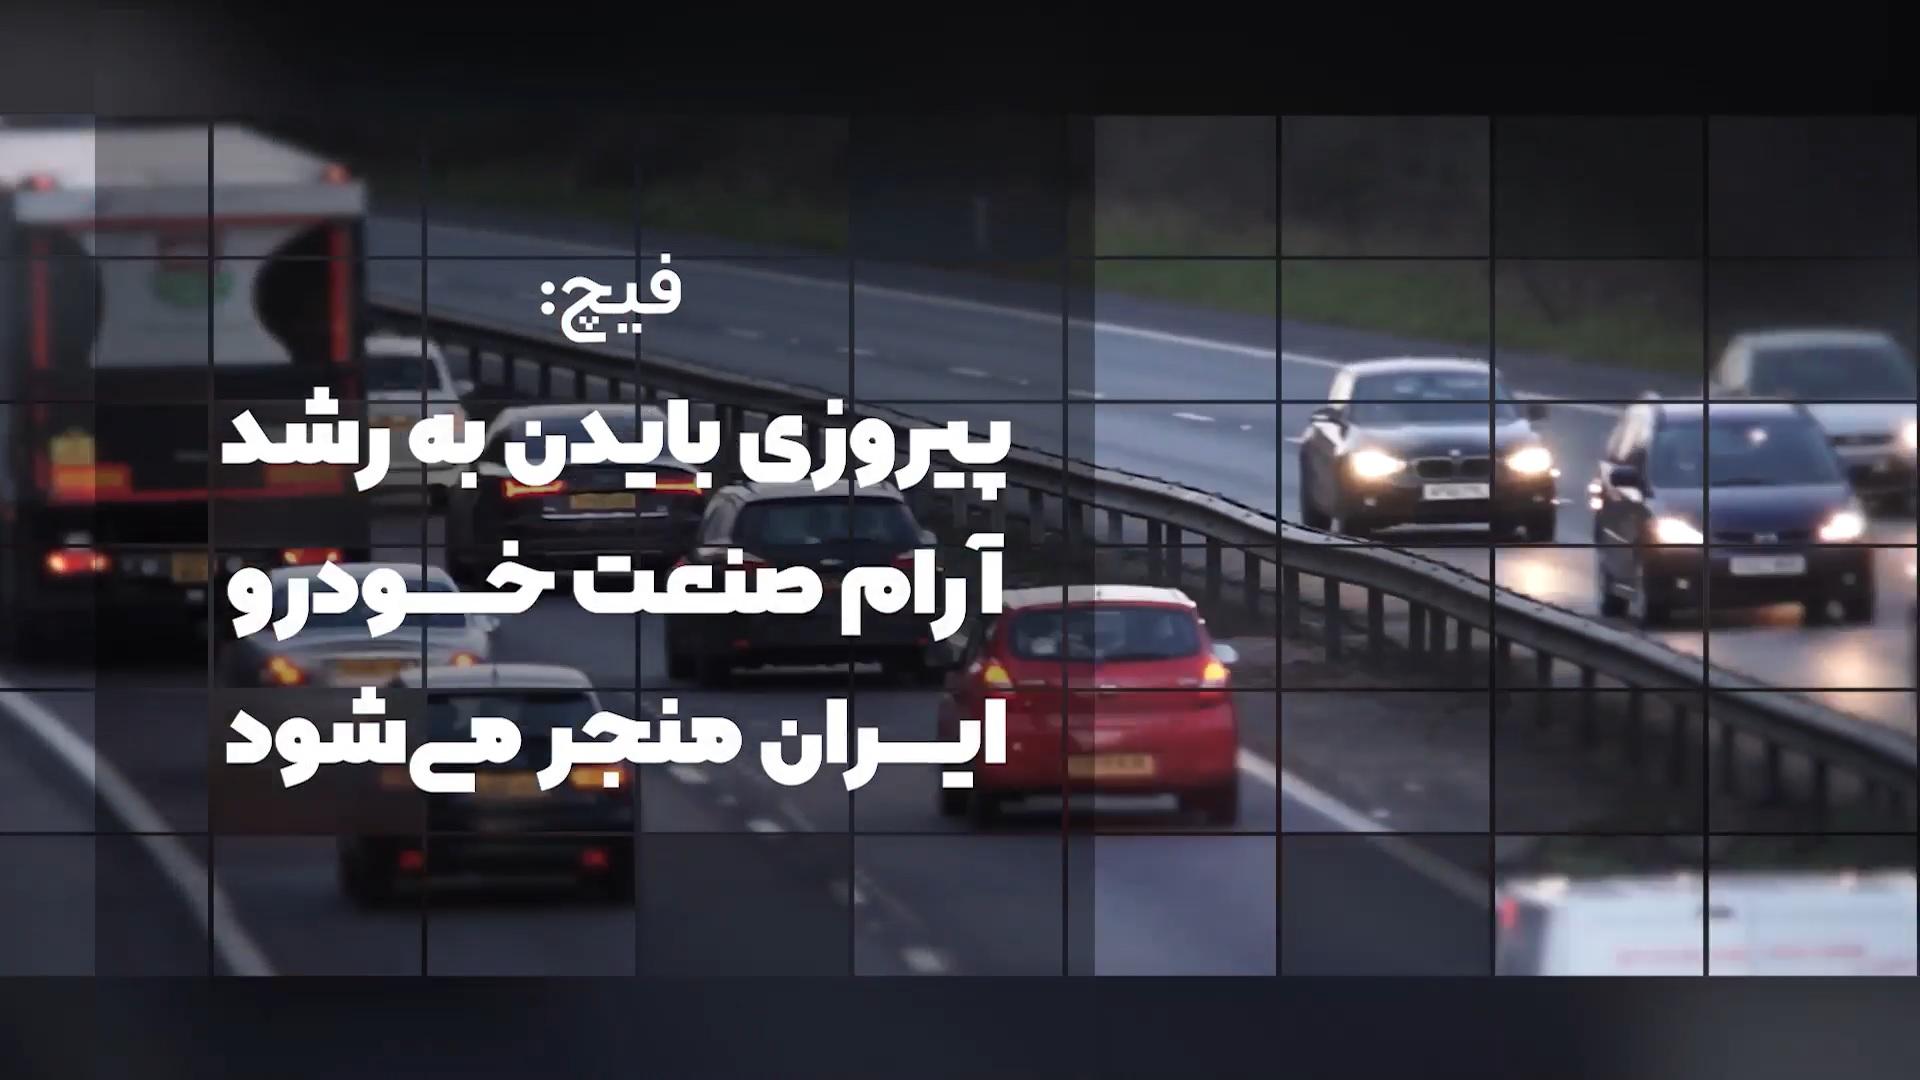 پیروزی بایدن به رشد آرام صنعت خودرو ایران منجر میشود + ویدیو